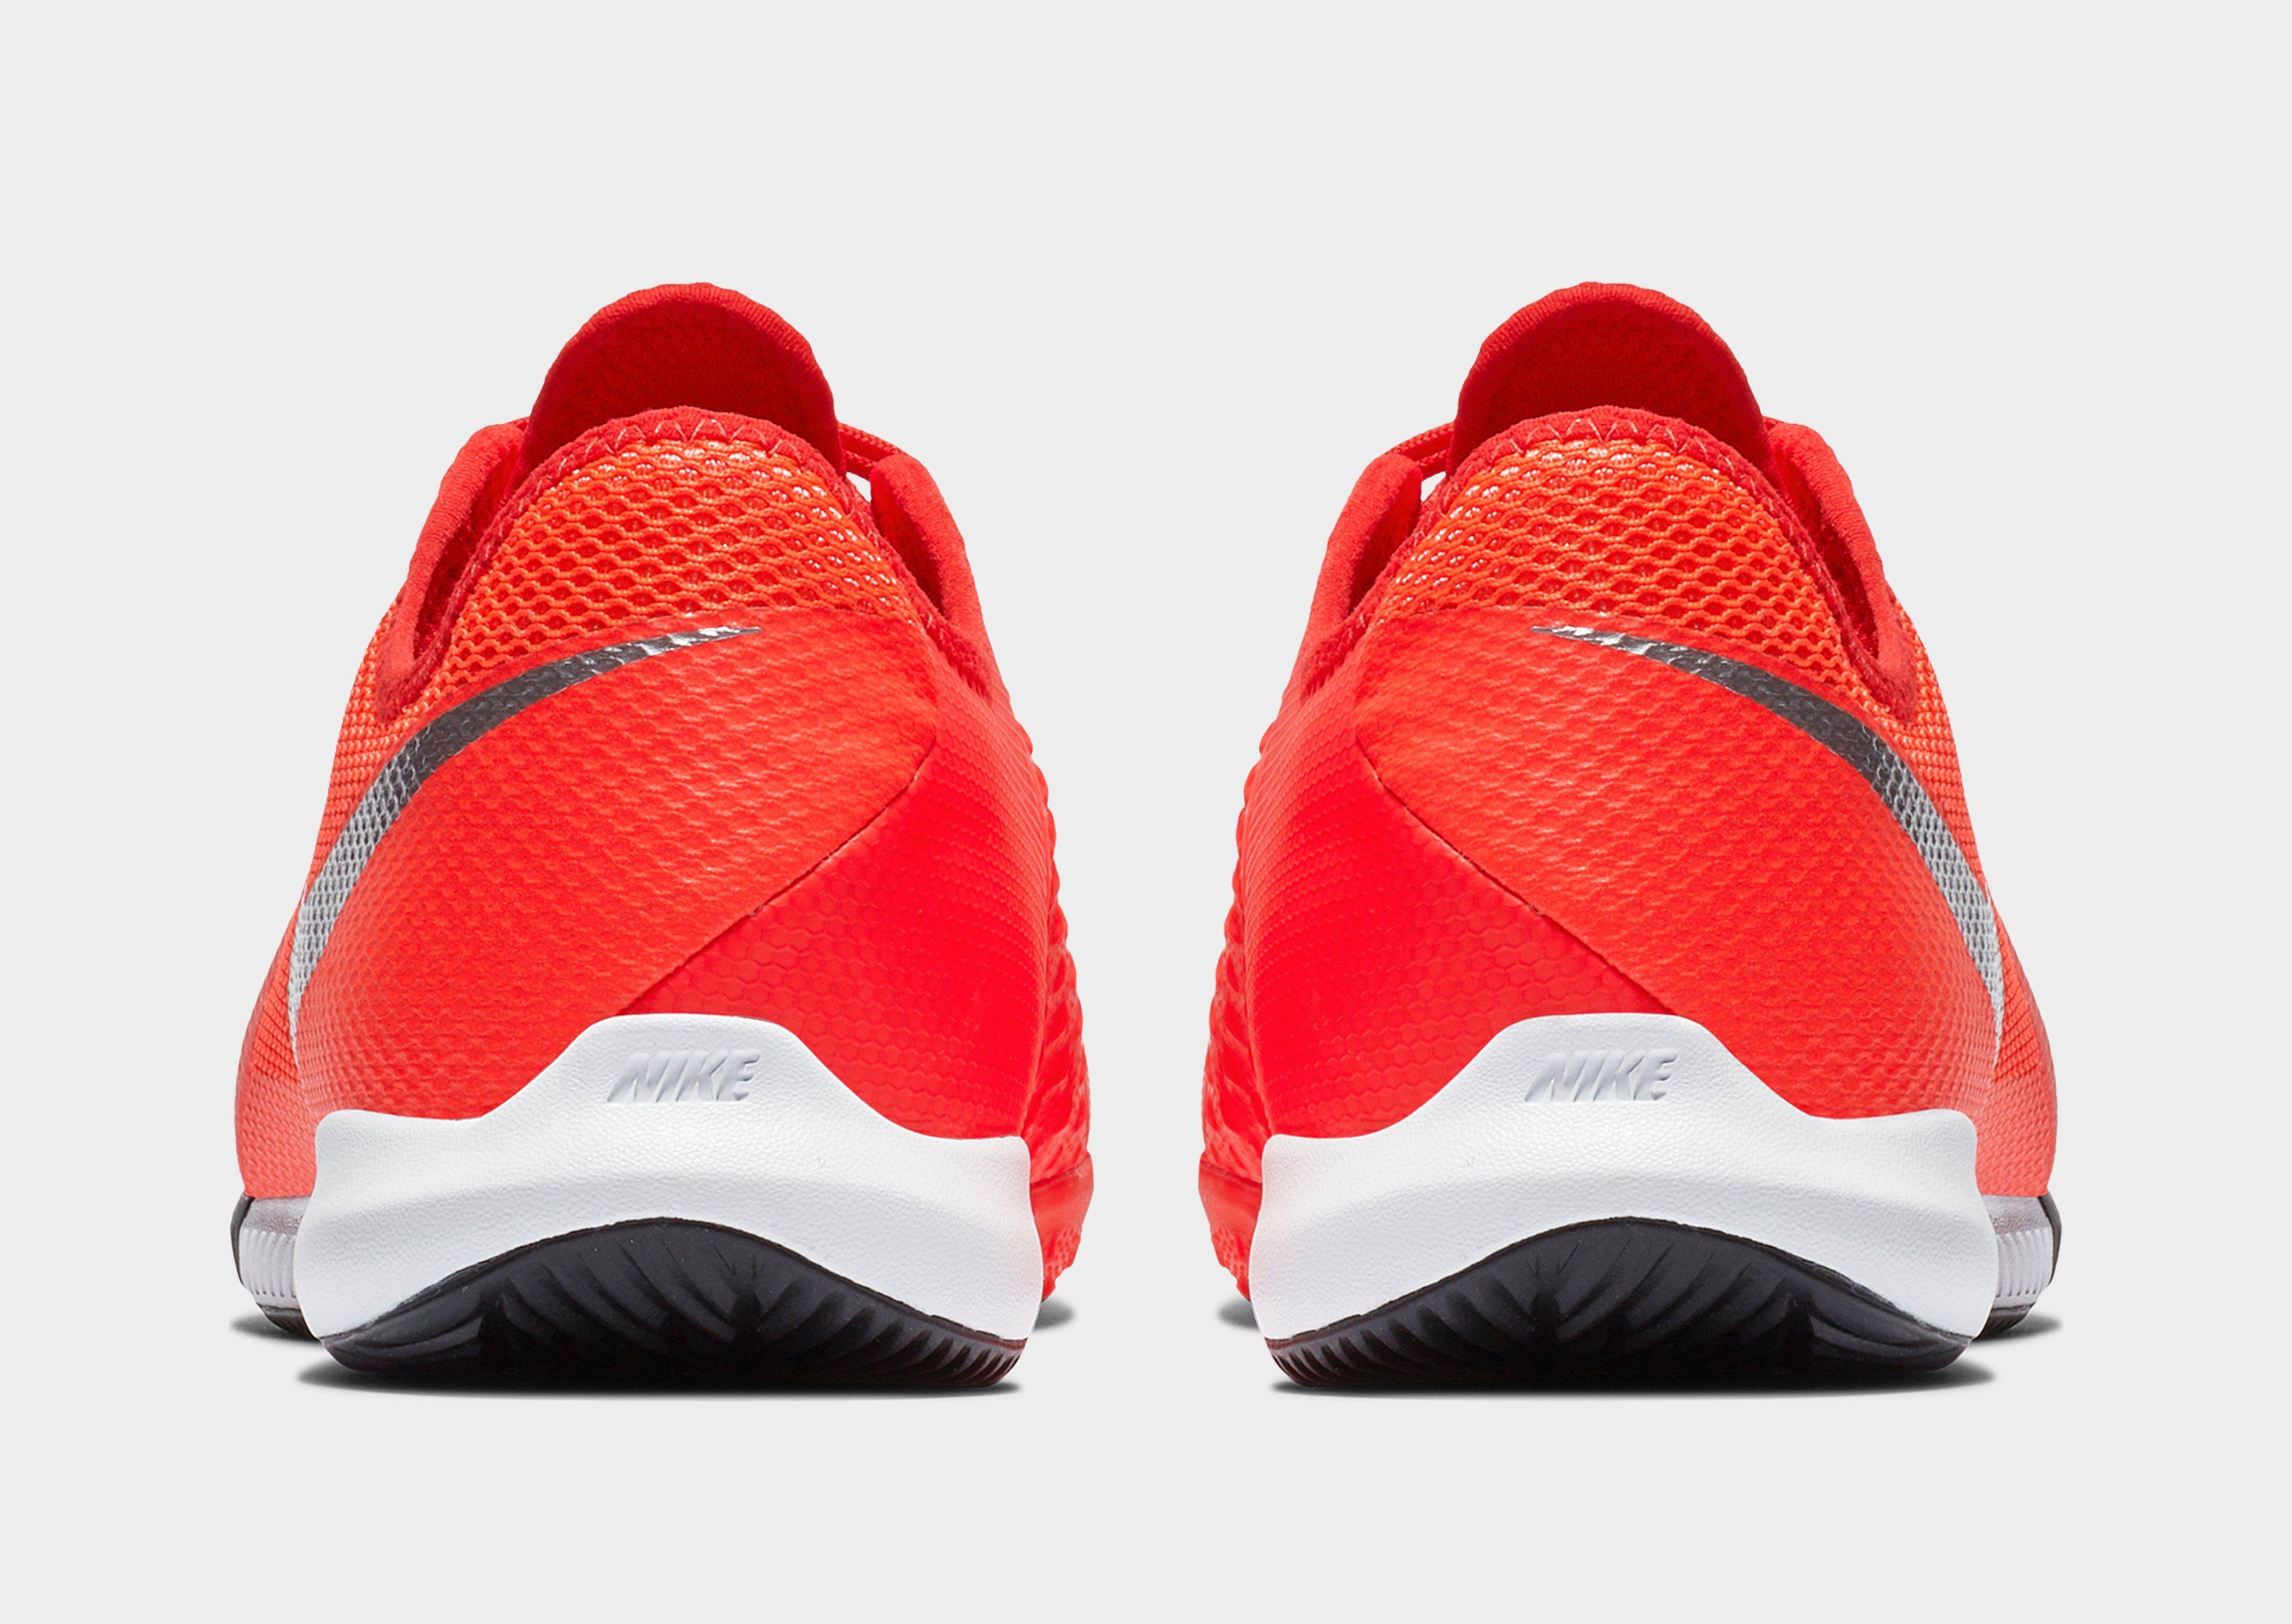 NIKE Nike PhantomVSN Academy IC Indoor/Court Football Shoe